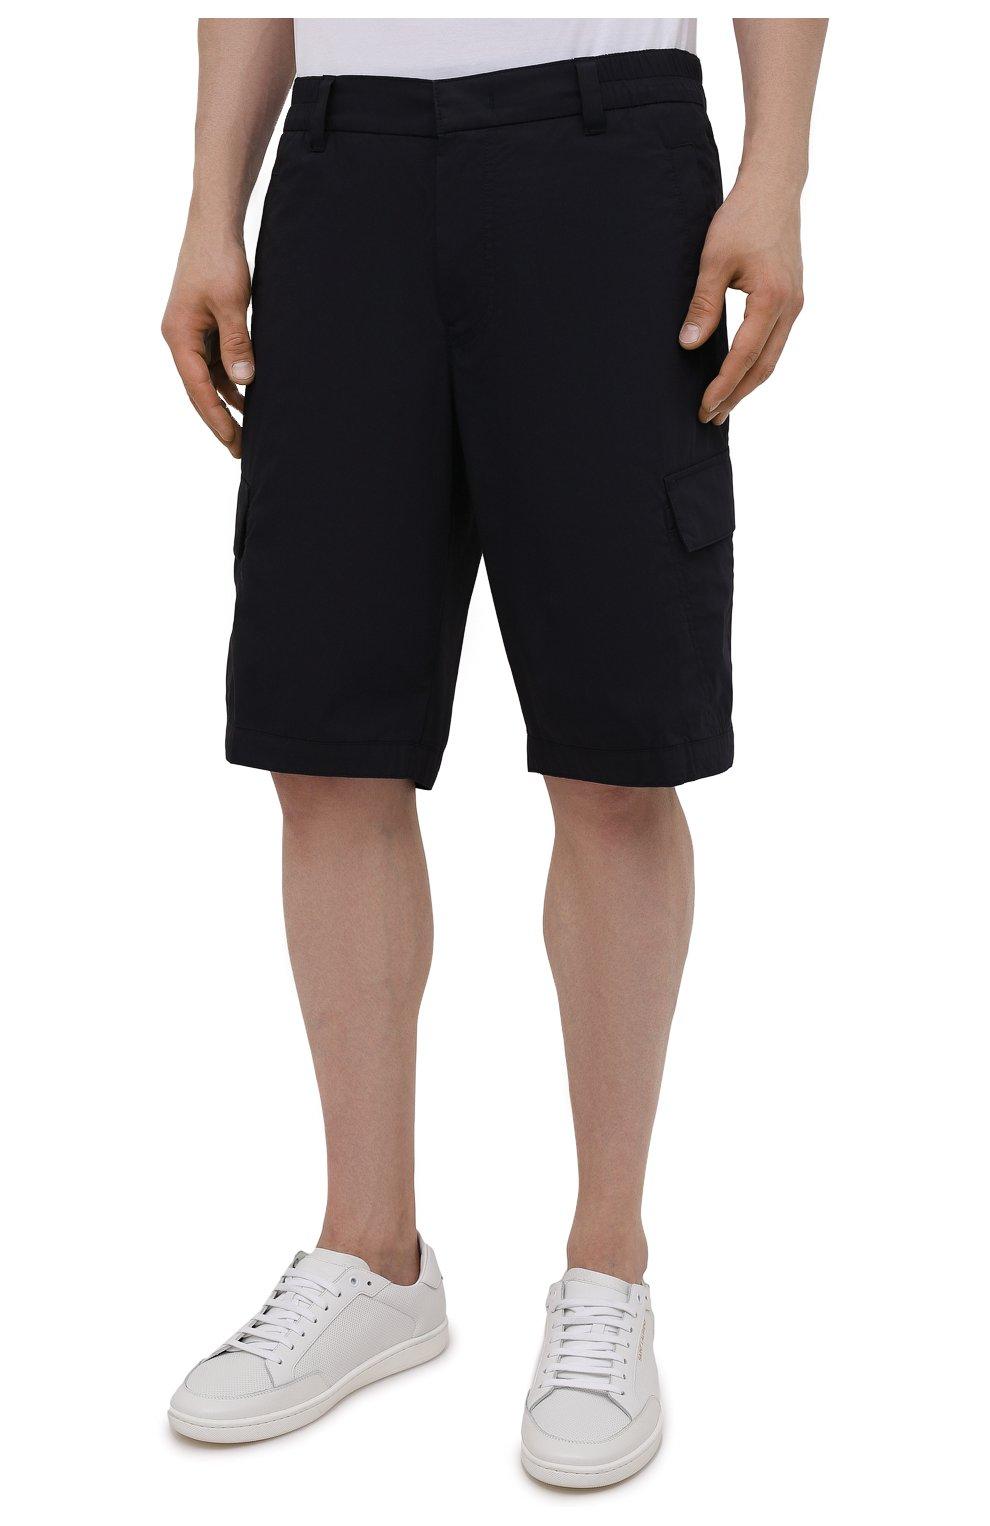 Мужские хлопковые шорты BOGNER темно-синего цвета, арт. 18173753 | Фото 3 (Мужское Кросс-КТ: Шорты-одежда; Принт: Без принта; Длина Шорты М: Ниже колена; Материал внешний: Хлопок; Стили: Спорт-шик)